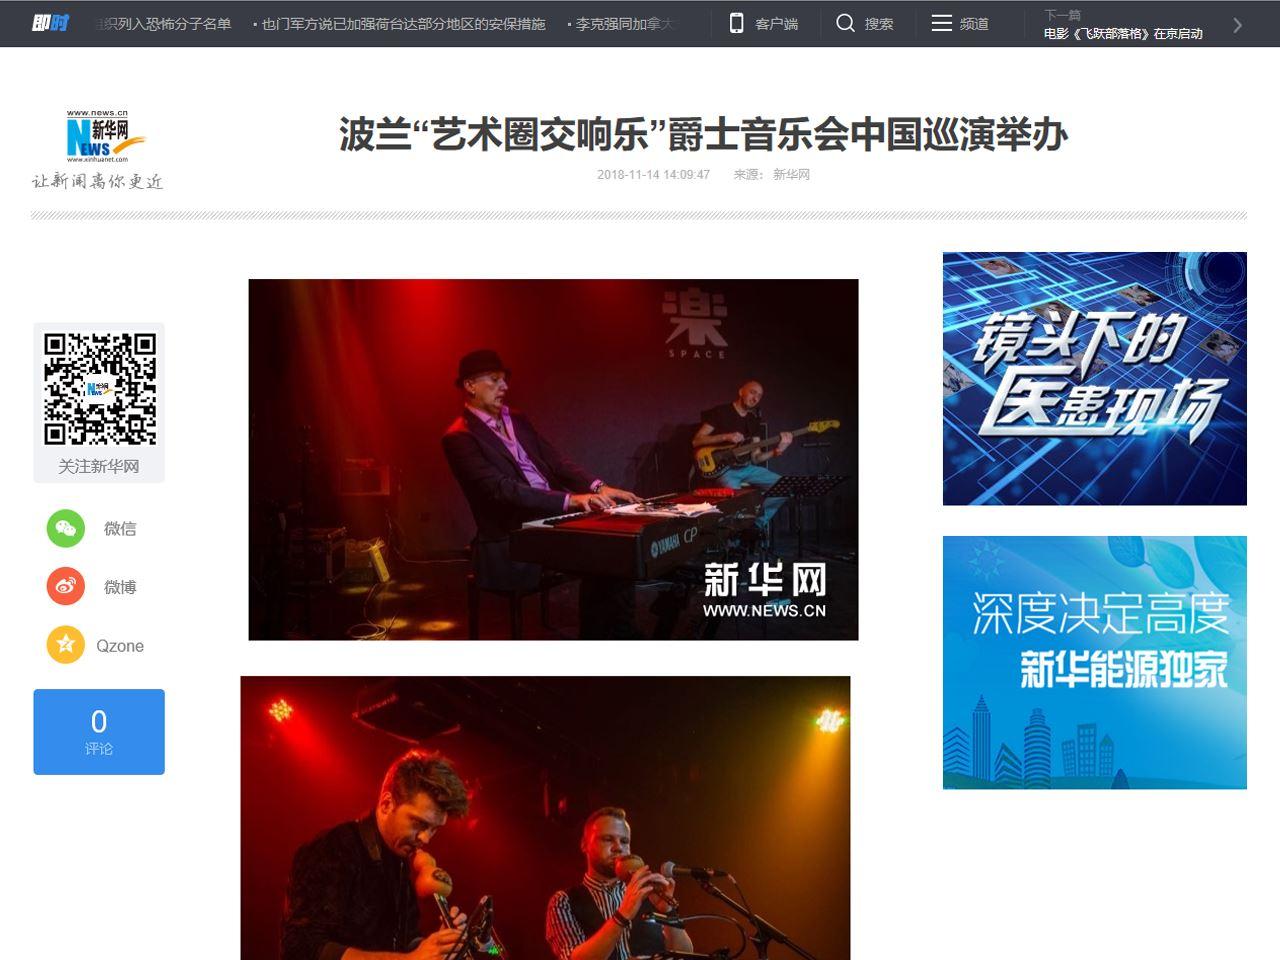 20181114_m_xinhuanet_com